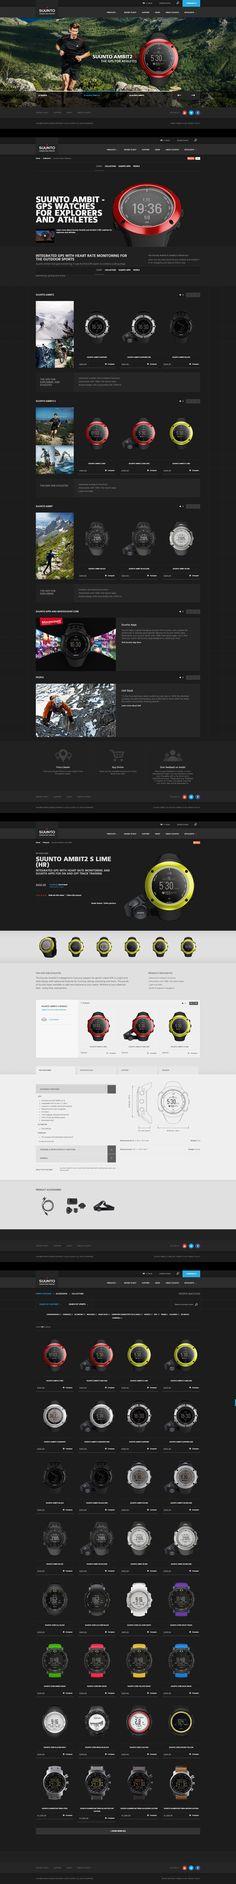 website suunto - http://www.suunto.com/en-US/Products/Sports-Watches/Suunto-Ambit2-S/Suunto-Ambit2-S-Lime-HR/